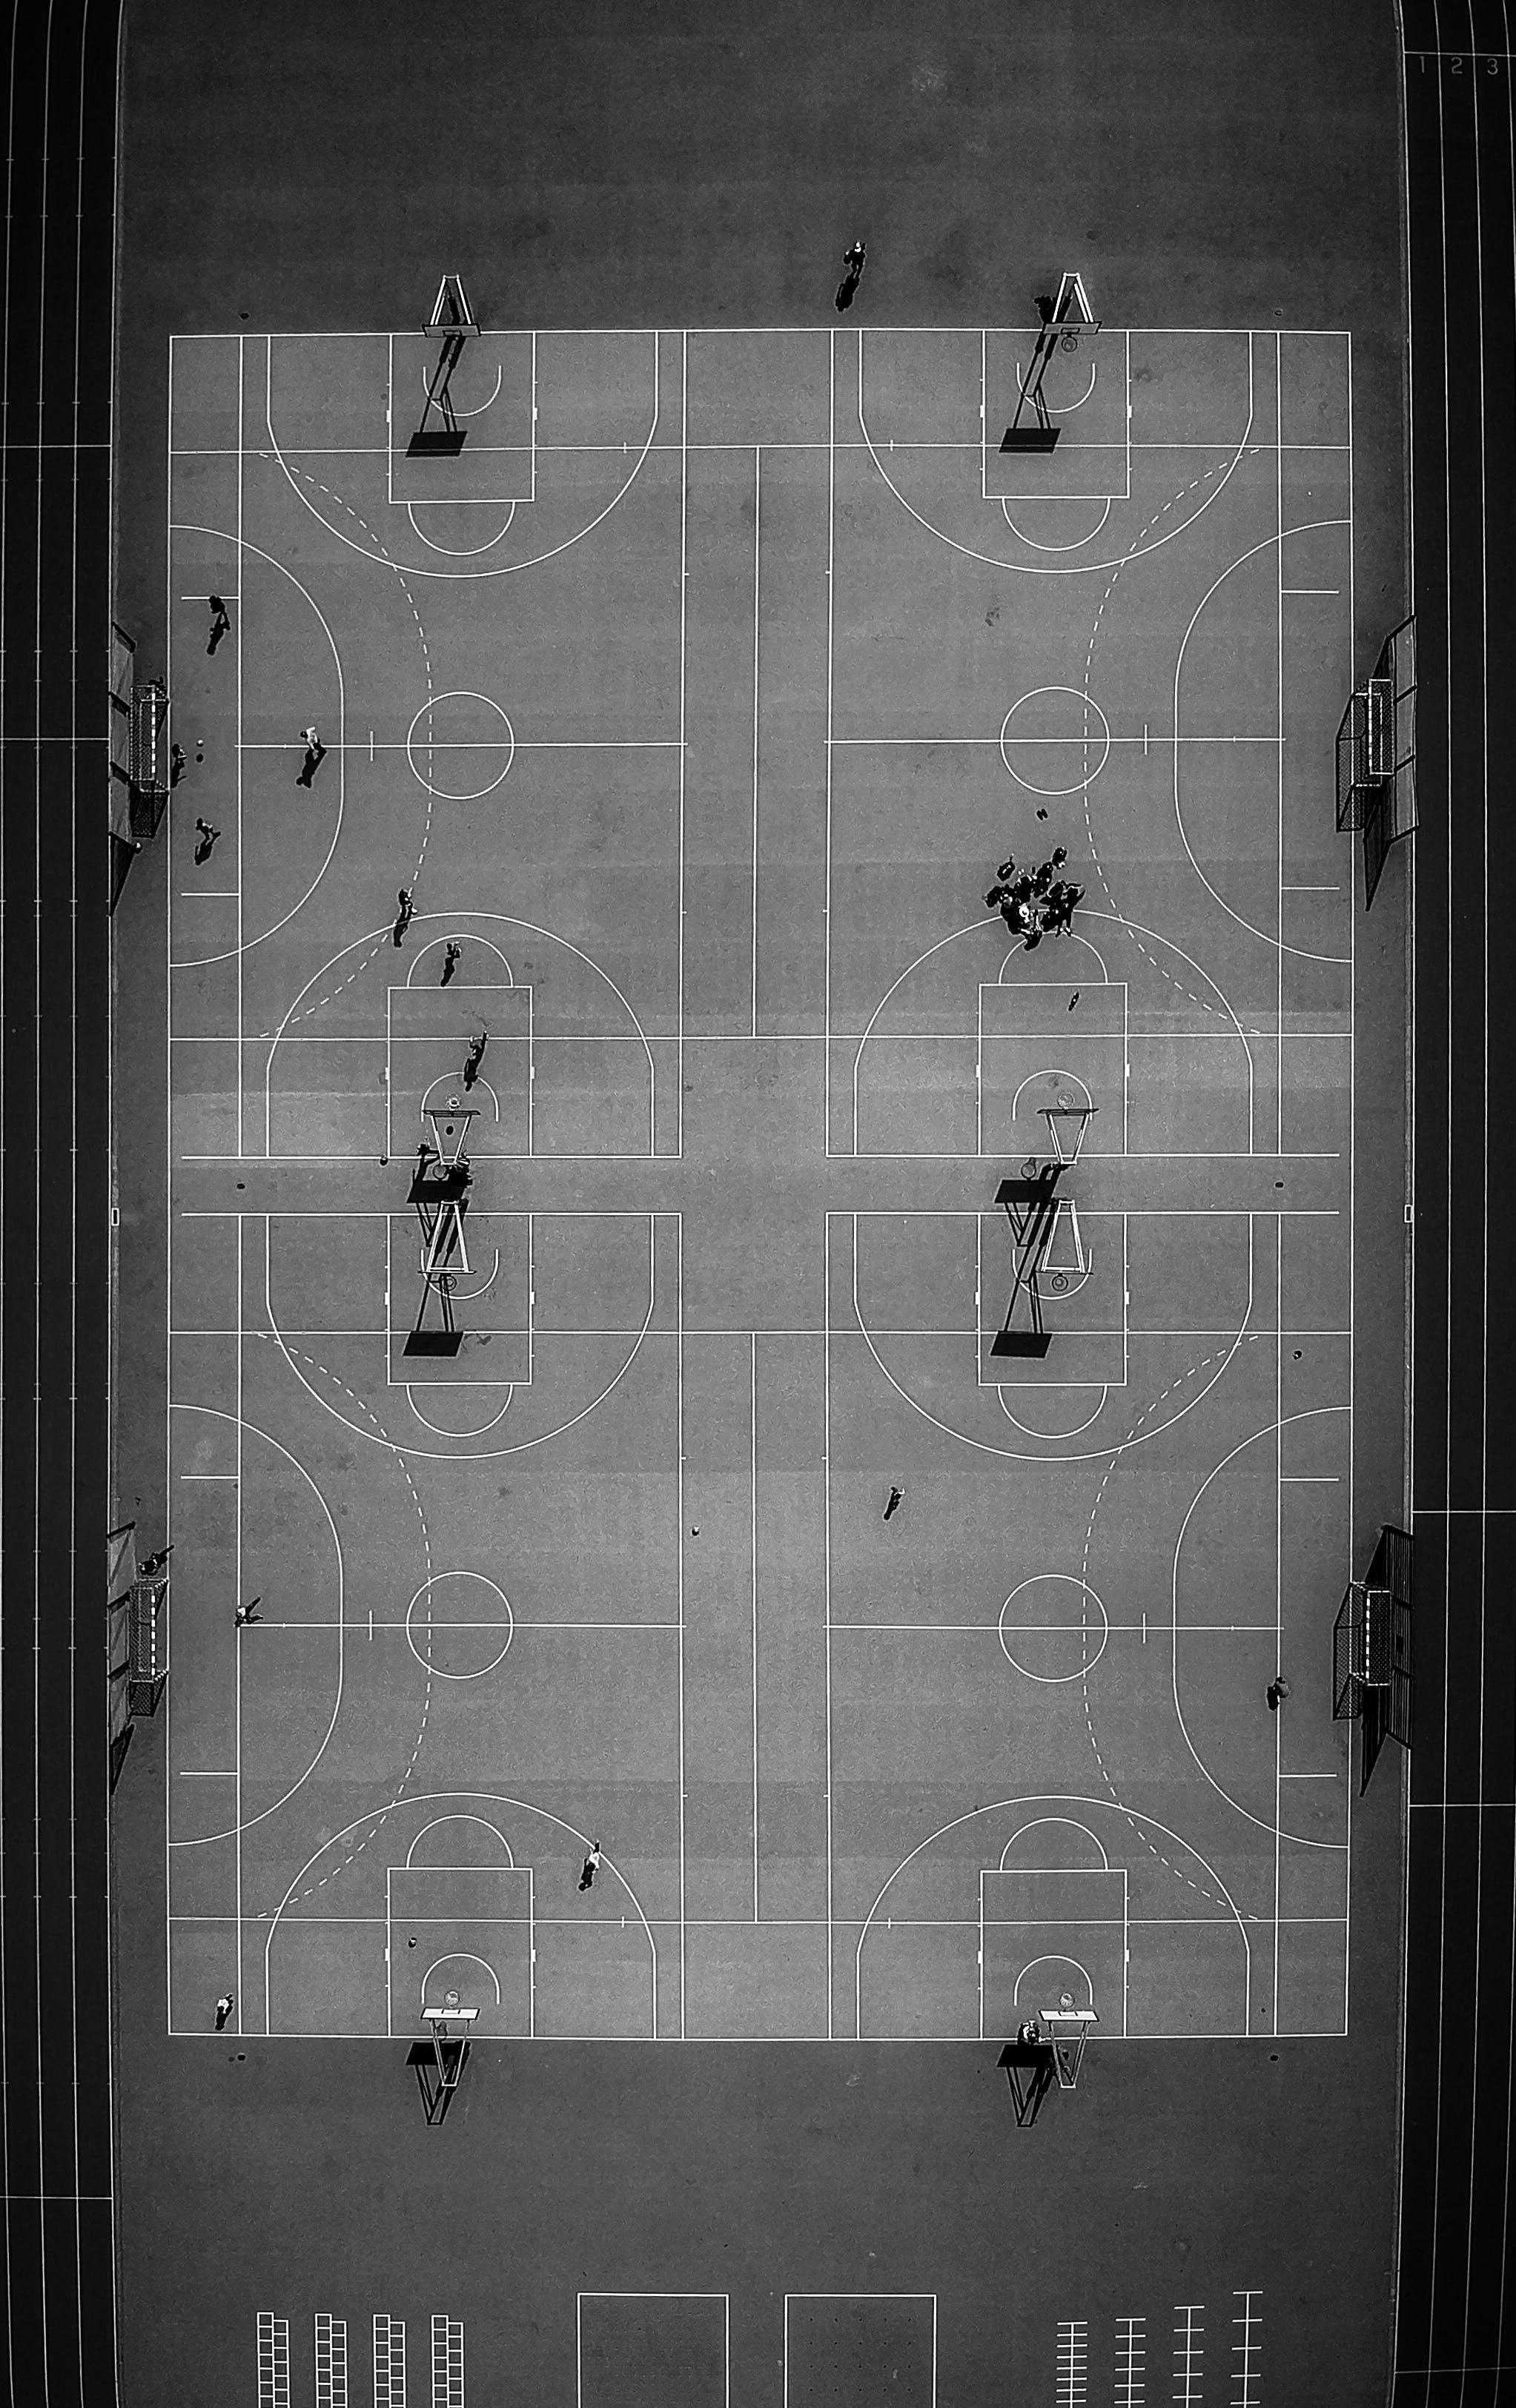 농구 코트, 드론 촬영, 드론으로 찍은 사진, 블랙 앤 화이트의 무료 스톡 사진